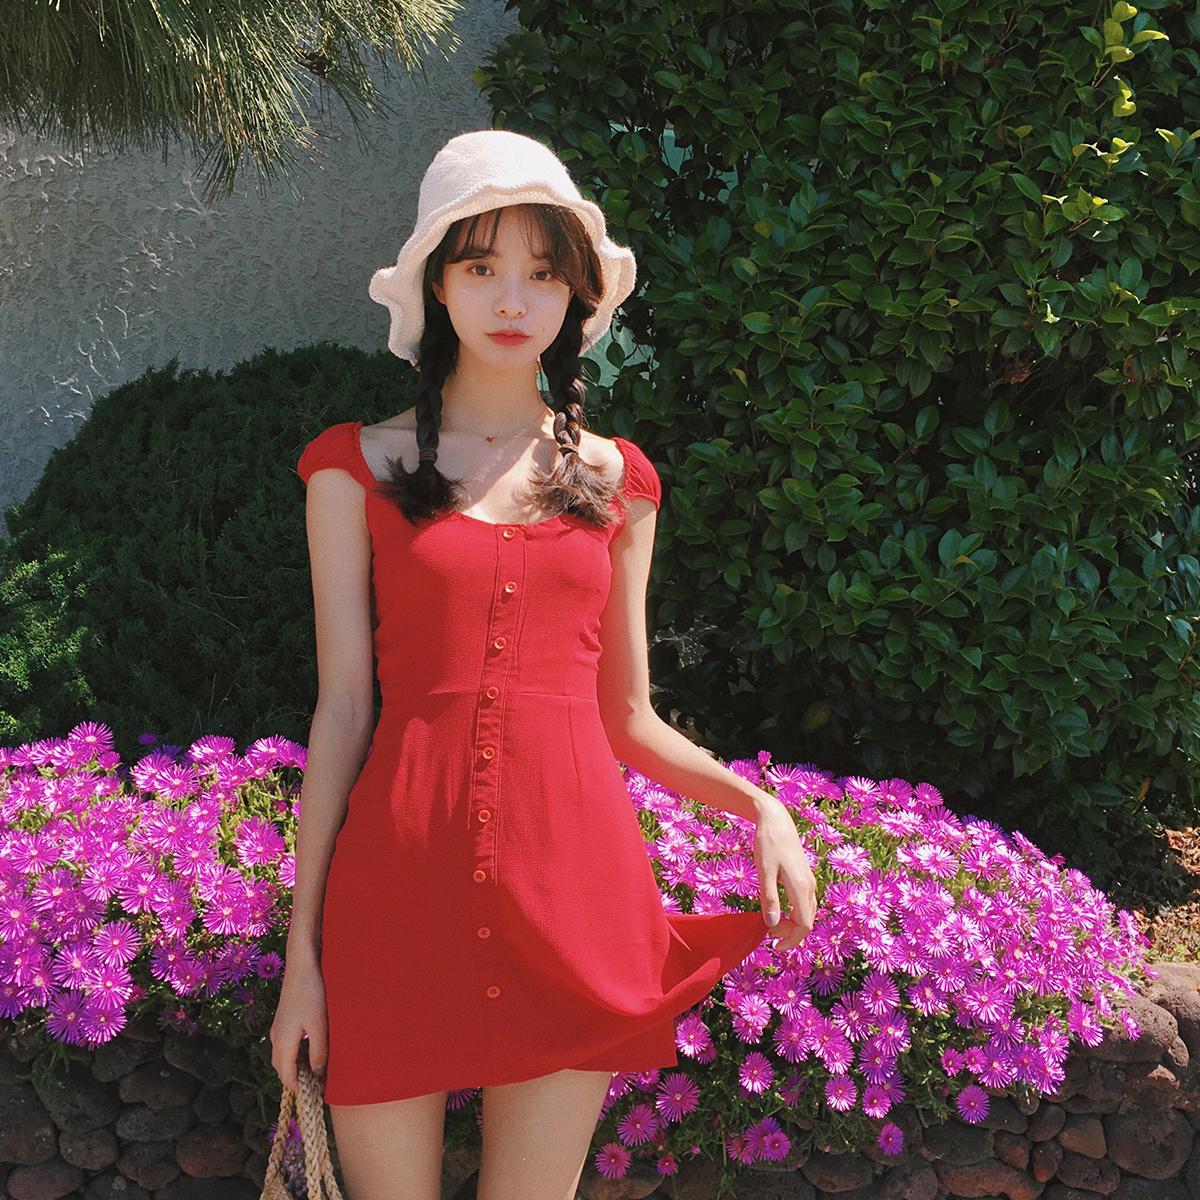 范智乔 女夏2017新款甜美显瘦少女心红色连衣裙小清新收腰a字中裙3元优惠券